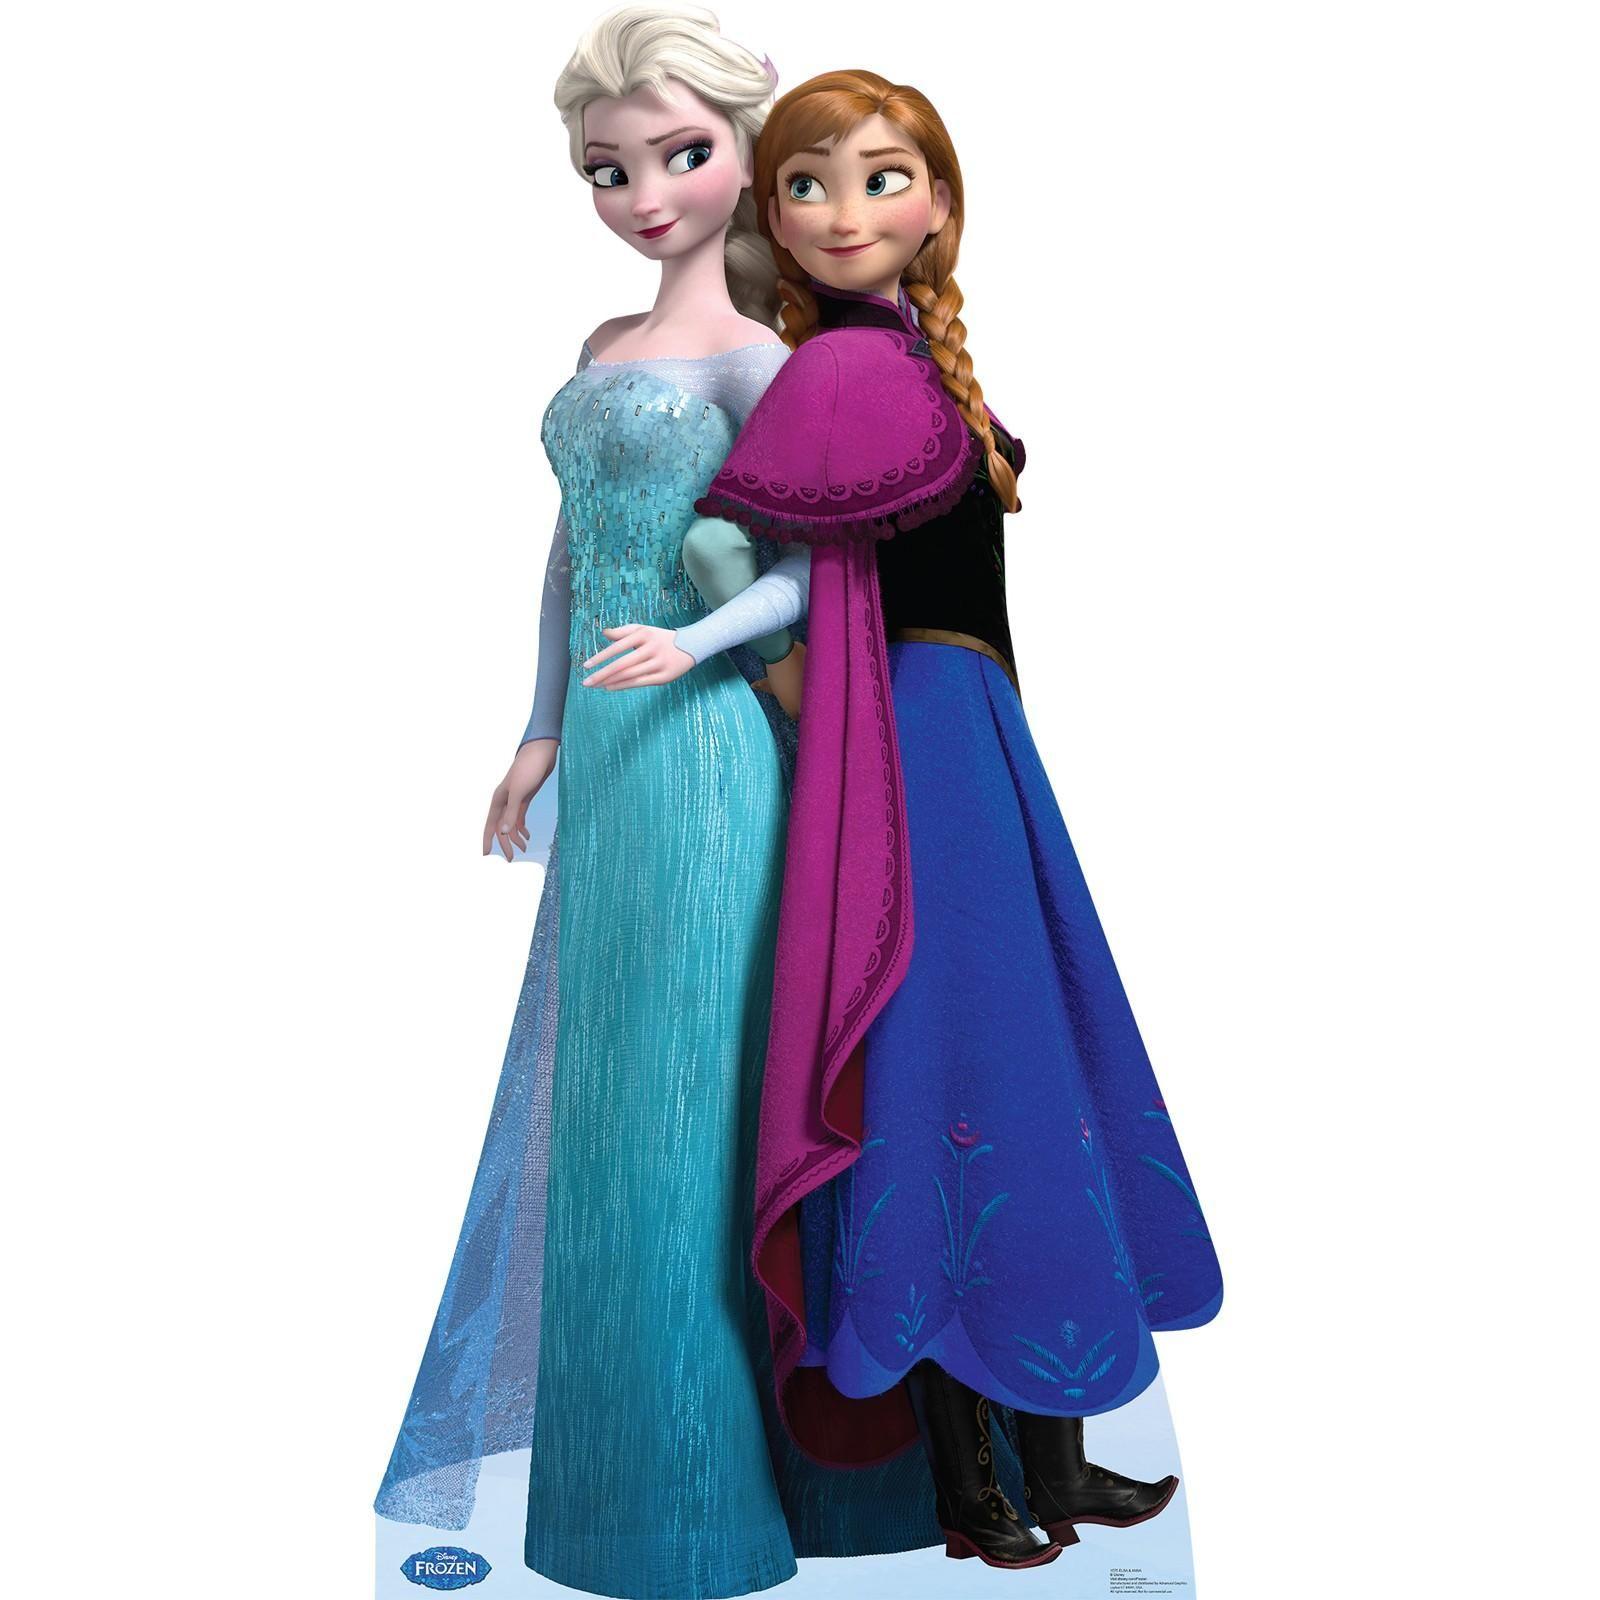 Disney Frozen Elsa and Anna Standup - 6\' Tall